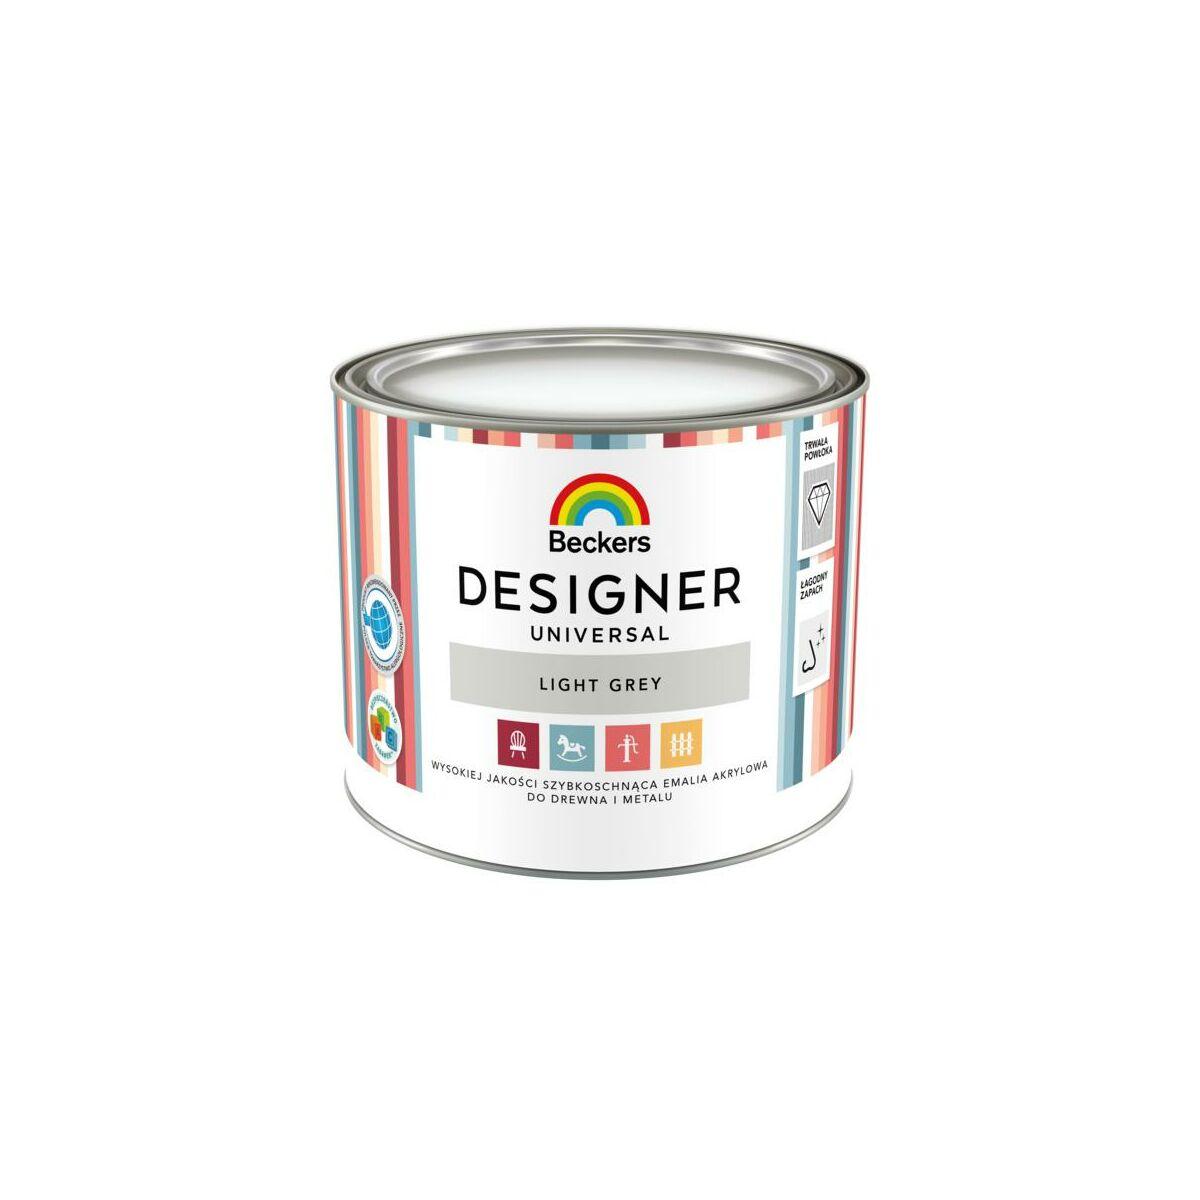 Emalia Designer Universal 0 5 L Light Grey Beckers Emalie Akrylowe Wodne W Atrakcyjnej Cenie W Sklepach Leroy Merlin